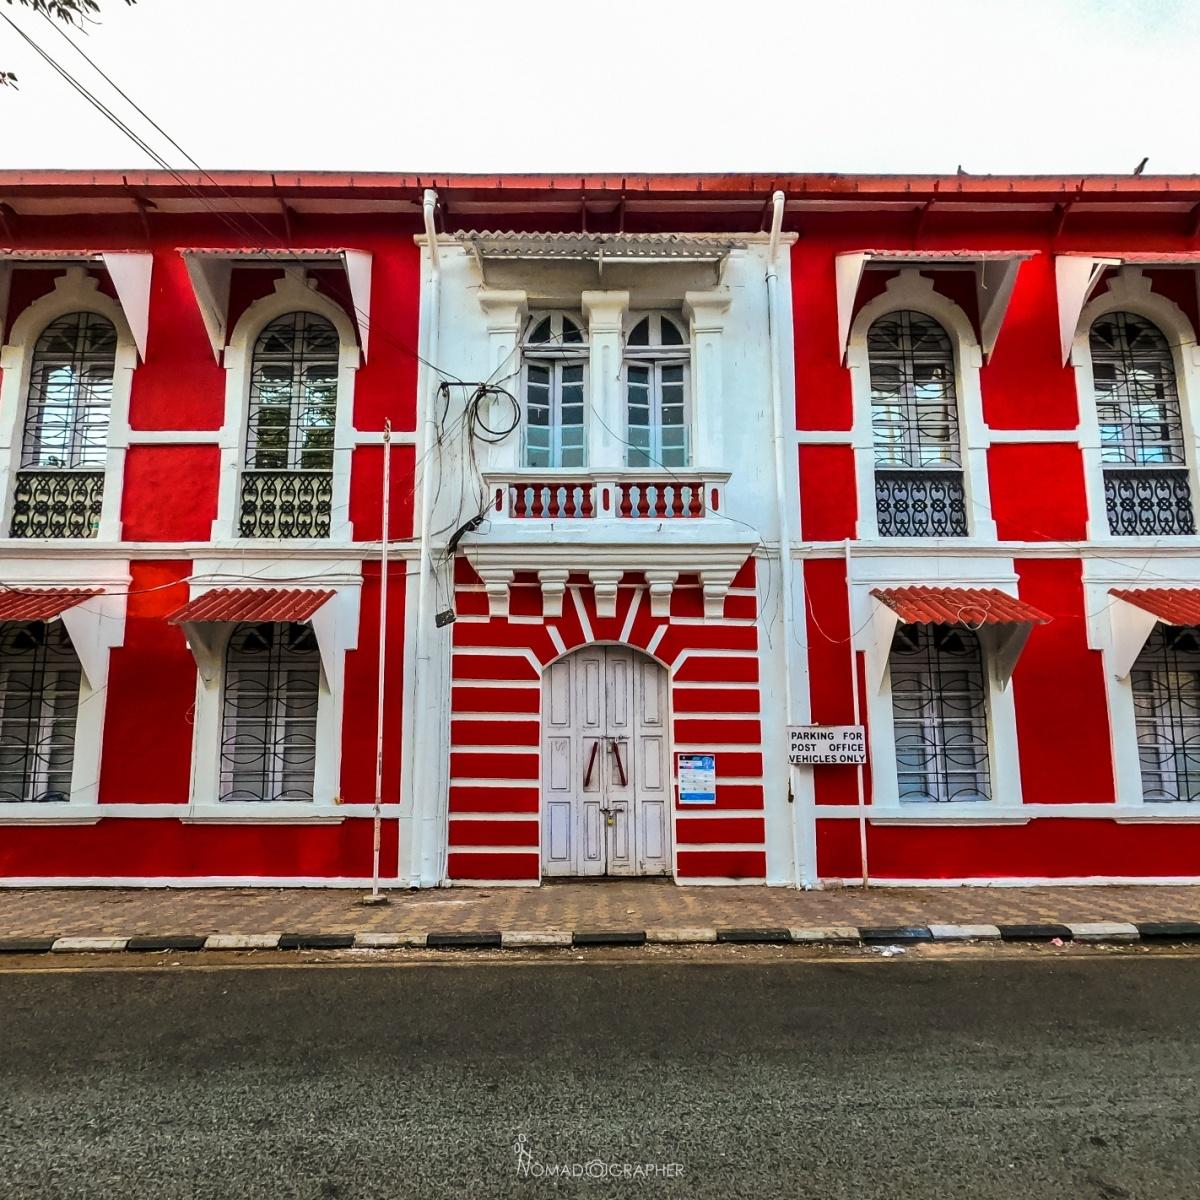 Panjim GPO building at Tobacco Square, Fontainhas